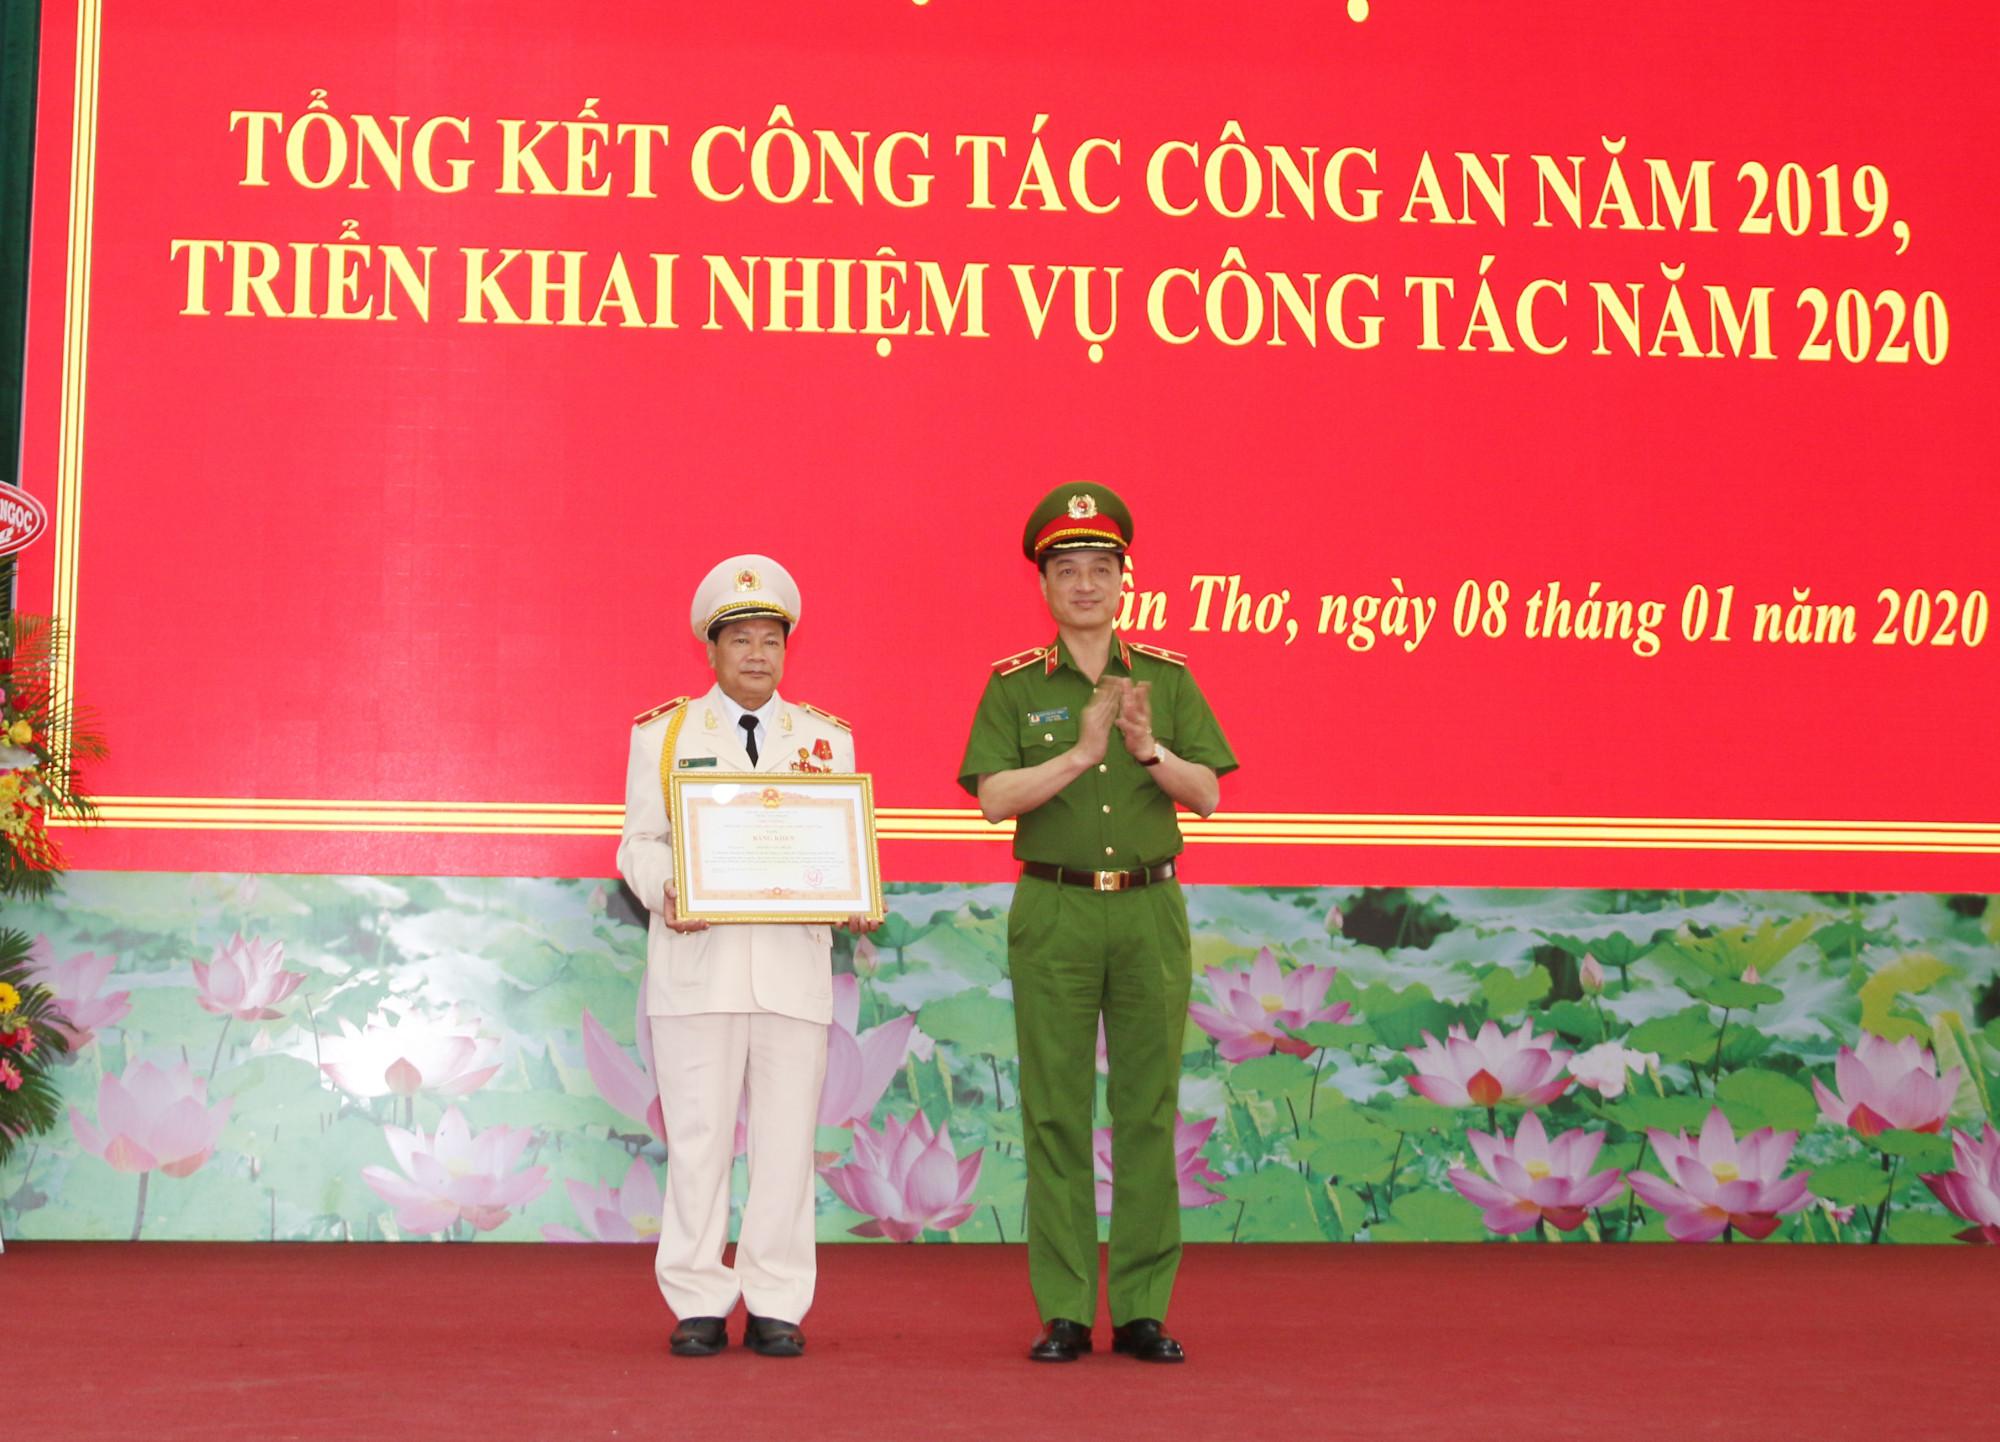 Thừa ủy quyền của Thủ tướng, Thứ trưởng Nguyễn Duy Ngọc trao Bằng khen của Thủ tướng tặng Thiếu tướng Nguyễn Văn Thuận, Giám đốc Công an TP Cần Thơ.